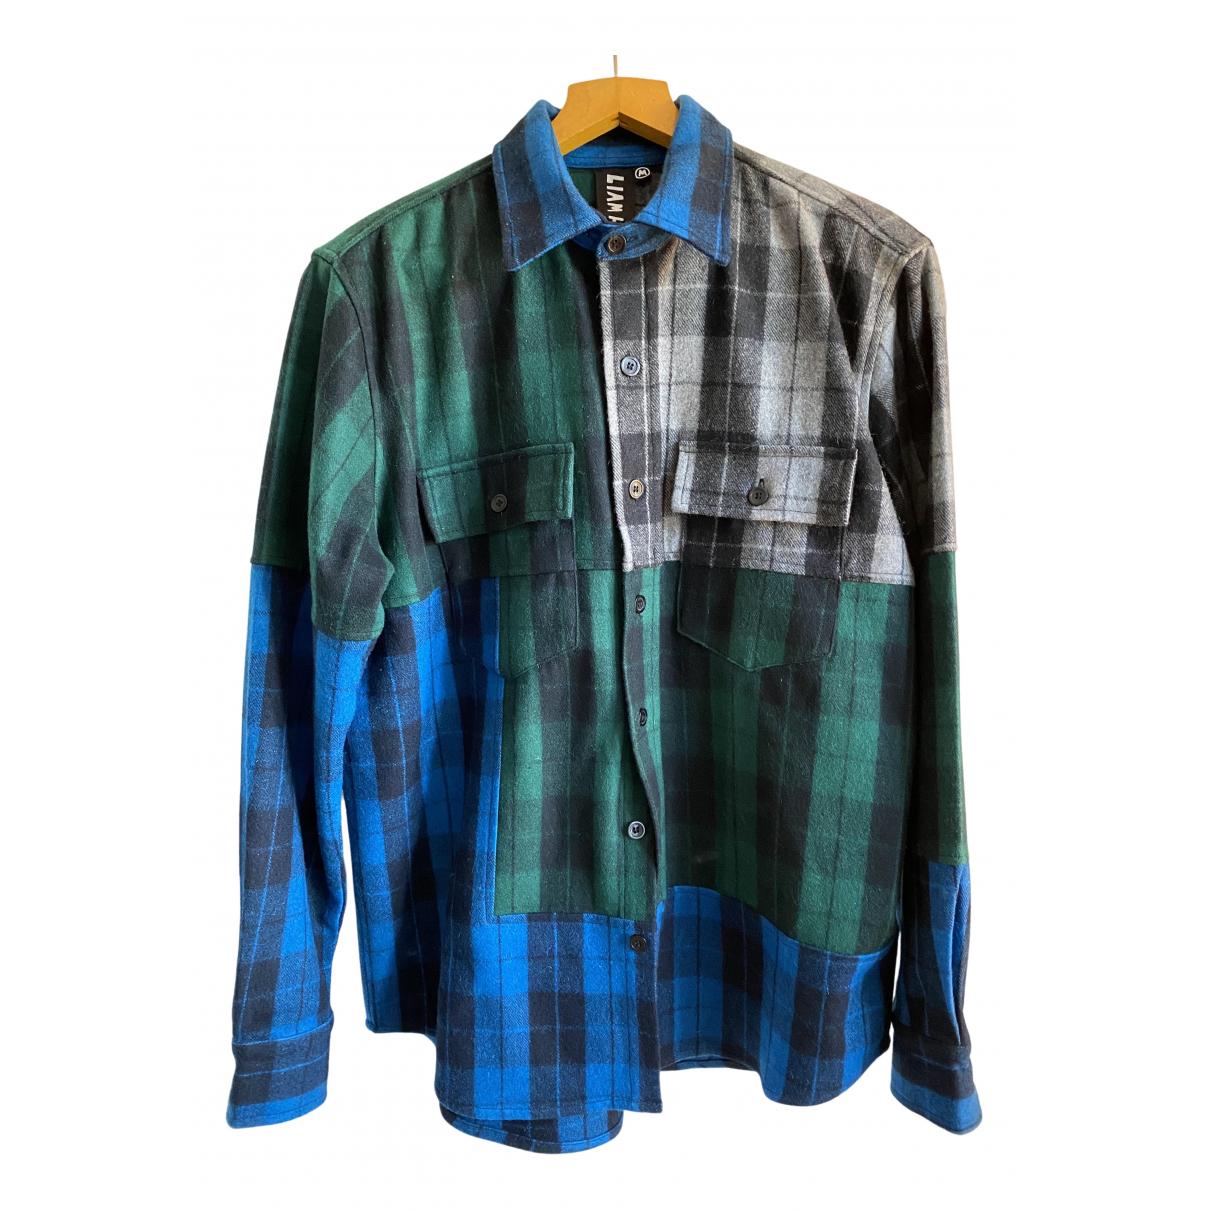 Camisas de Lana Liam Hodges